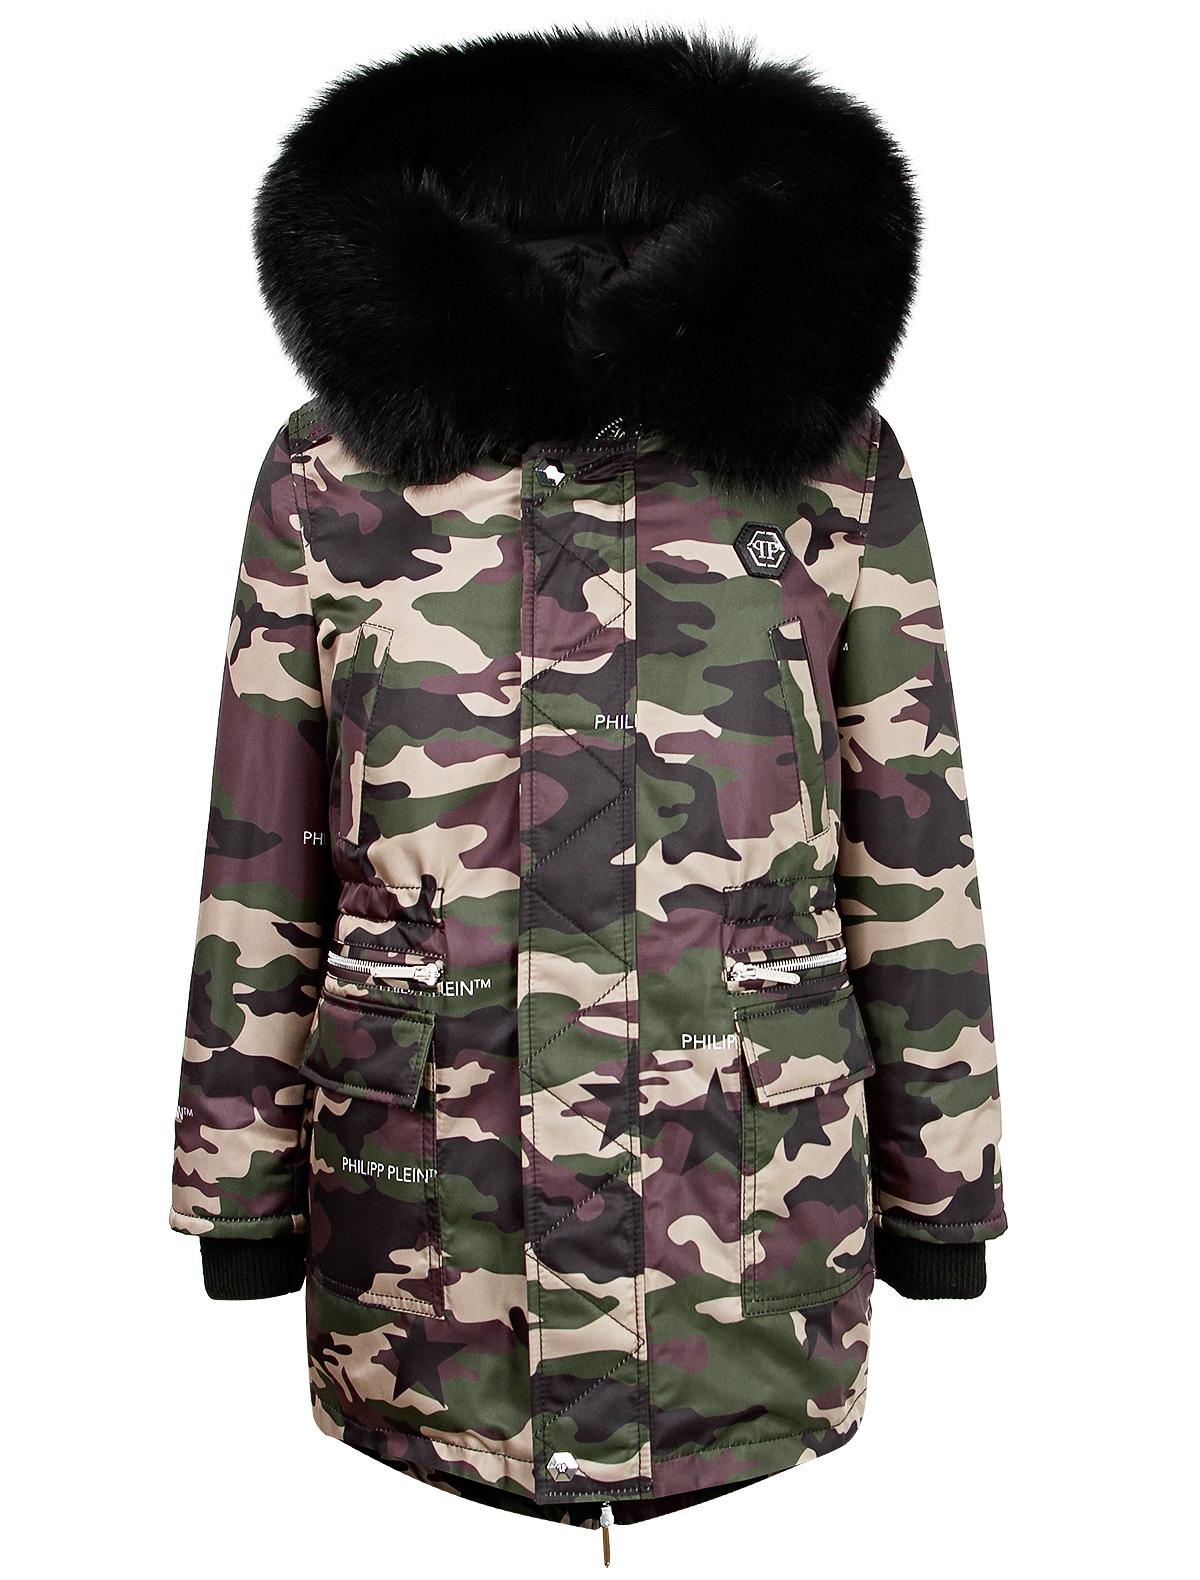 Купить 2136104, Куртка Philipp Plein, разноцветный, Мужской, 1072319980174